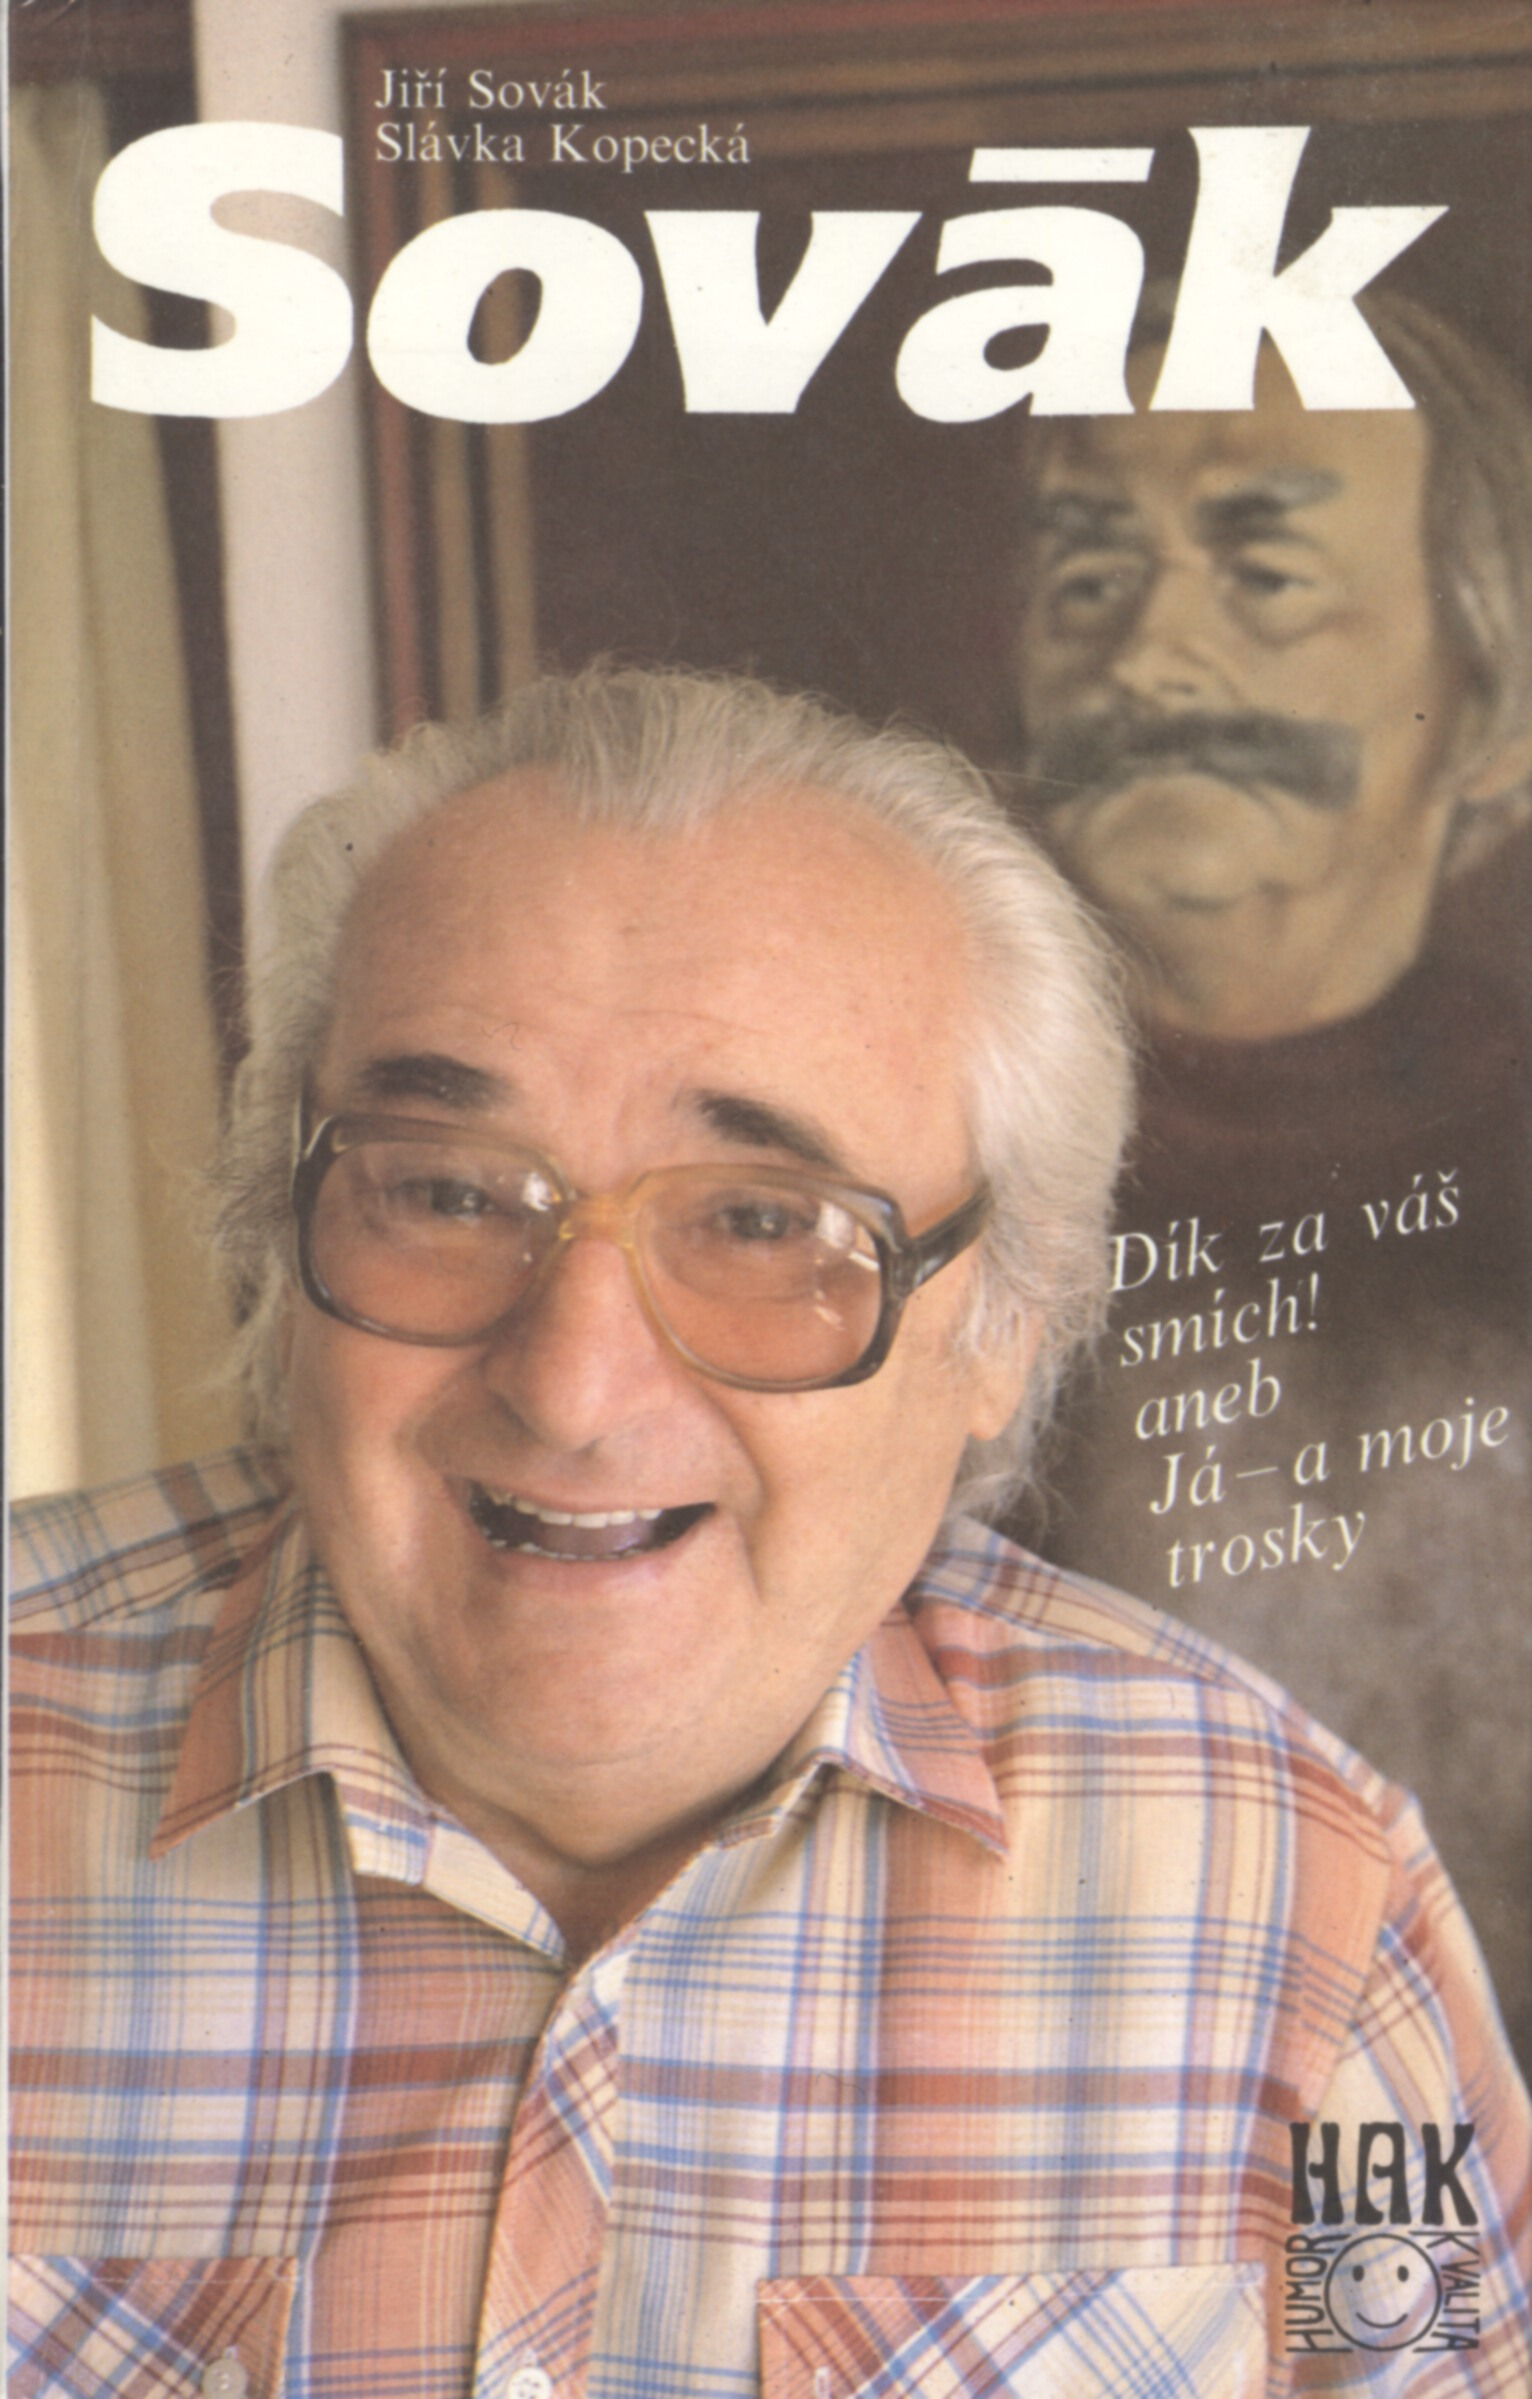 Jiří Sovák - Jiří Sovák, Slávka Kopecká